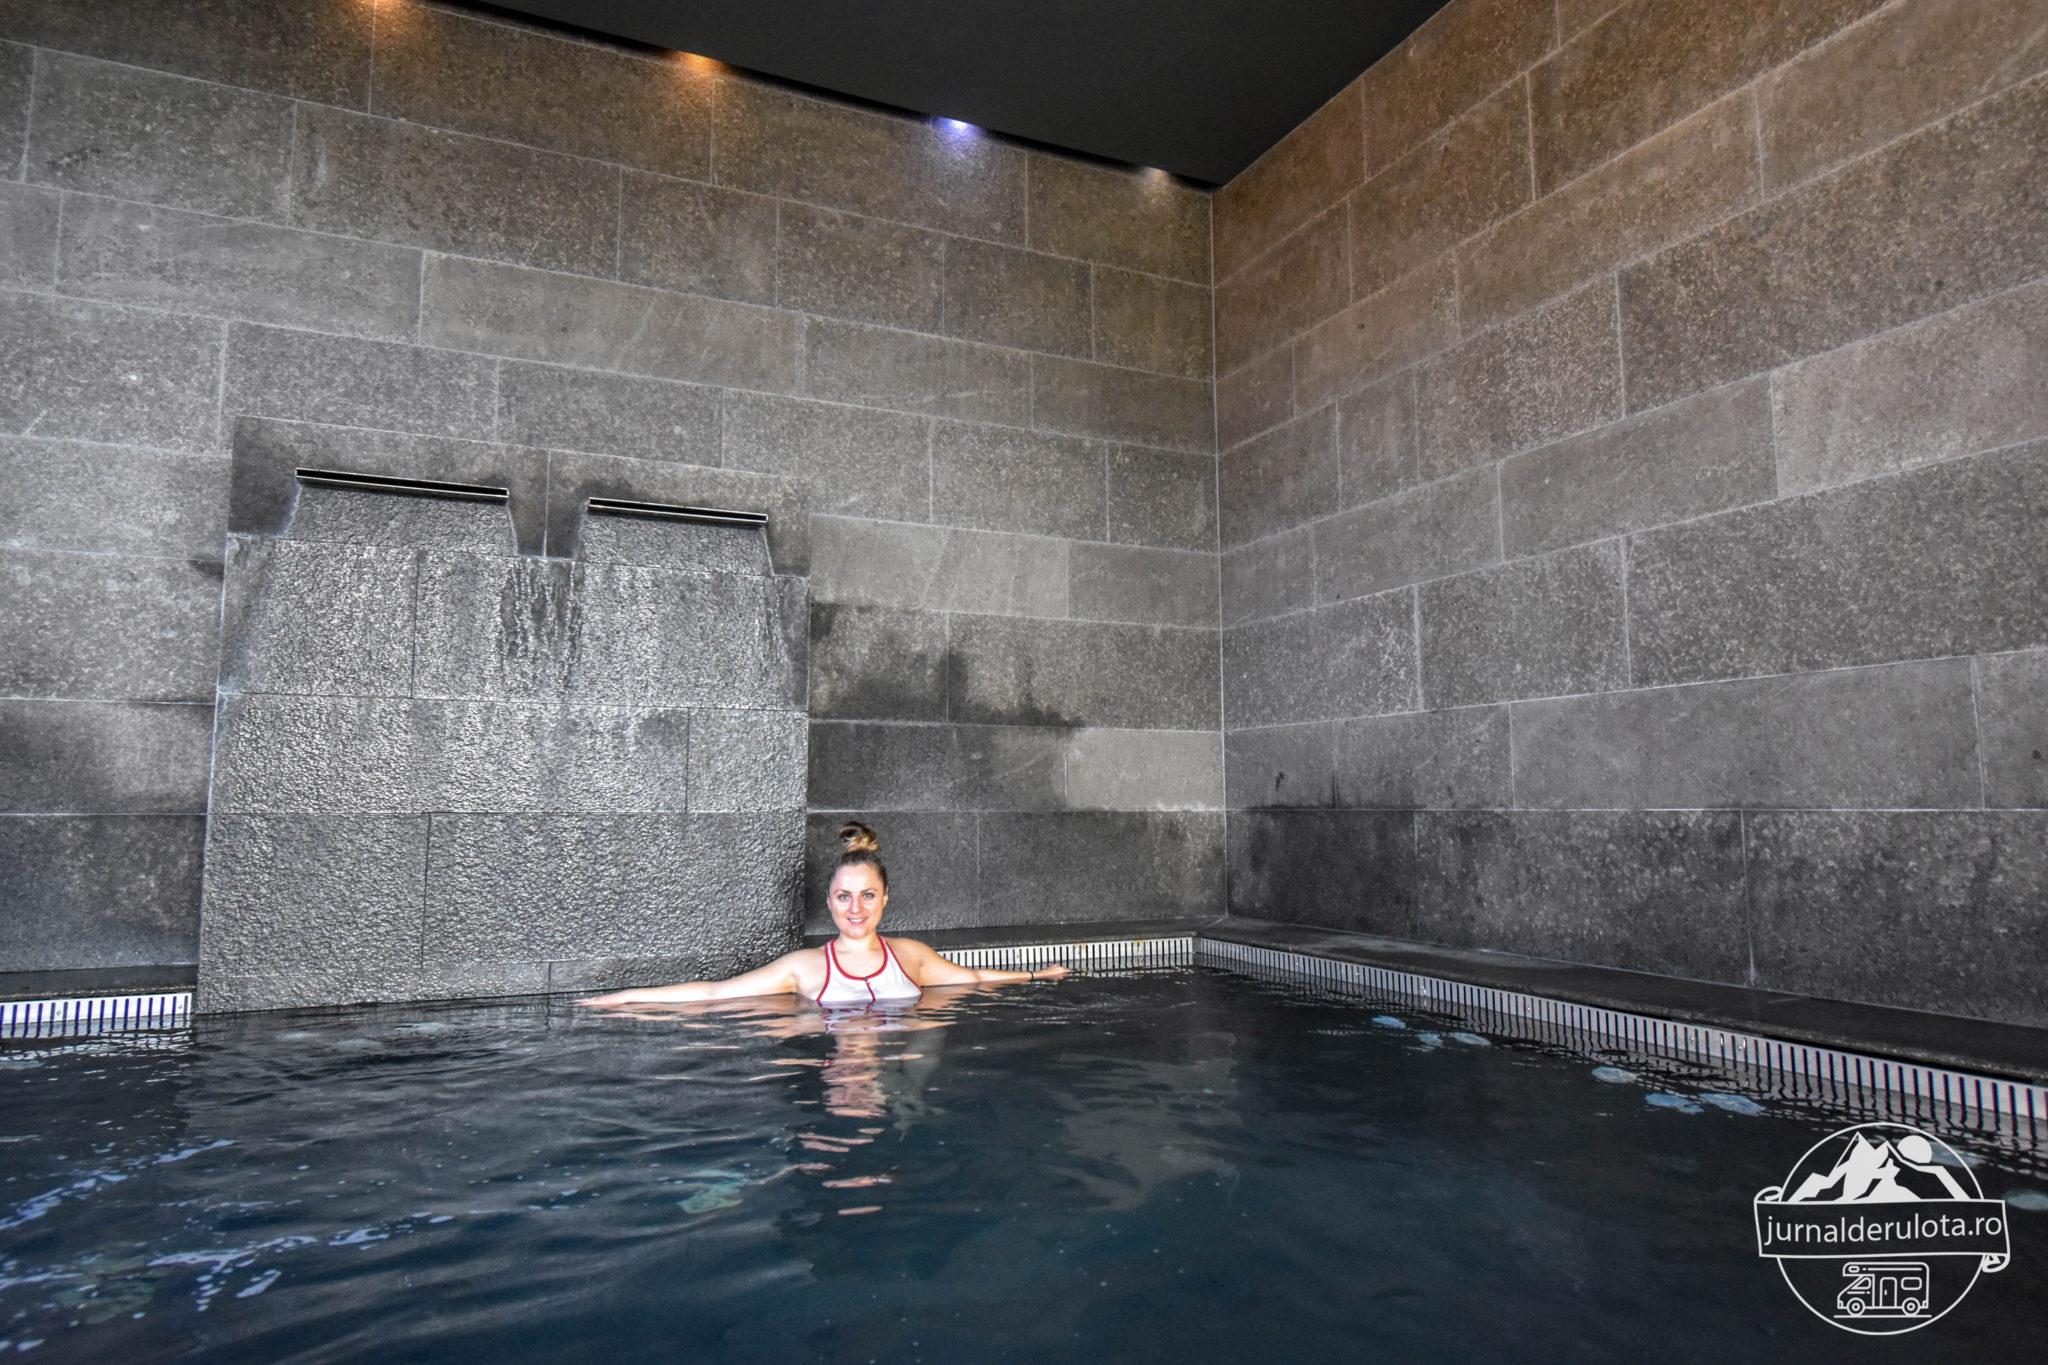 piscina-apa-foarte-calda-balvanyos-resort-spa.jpg